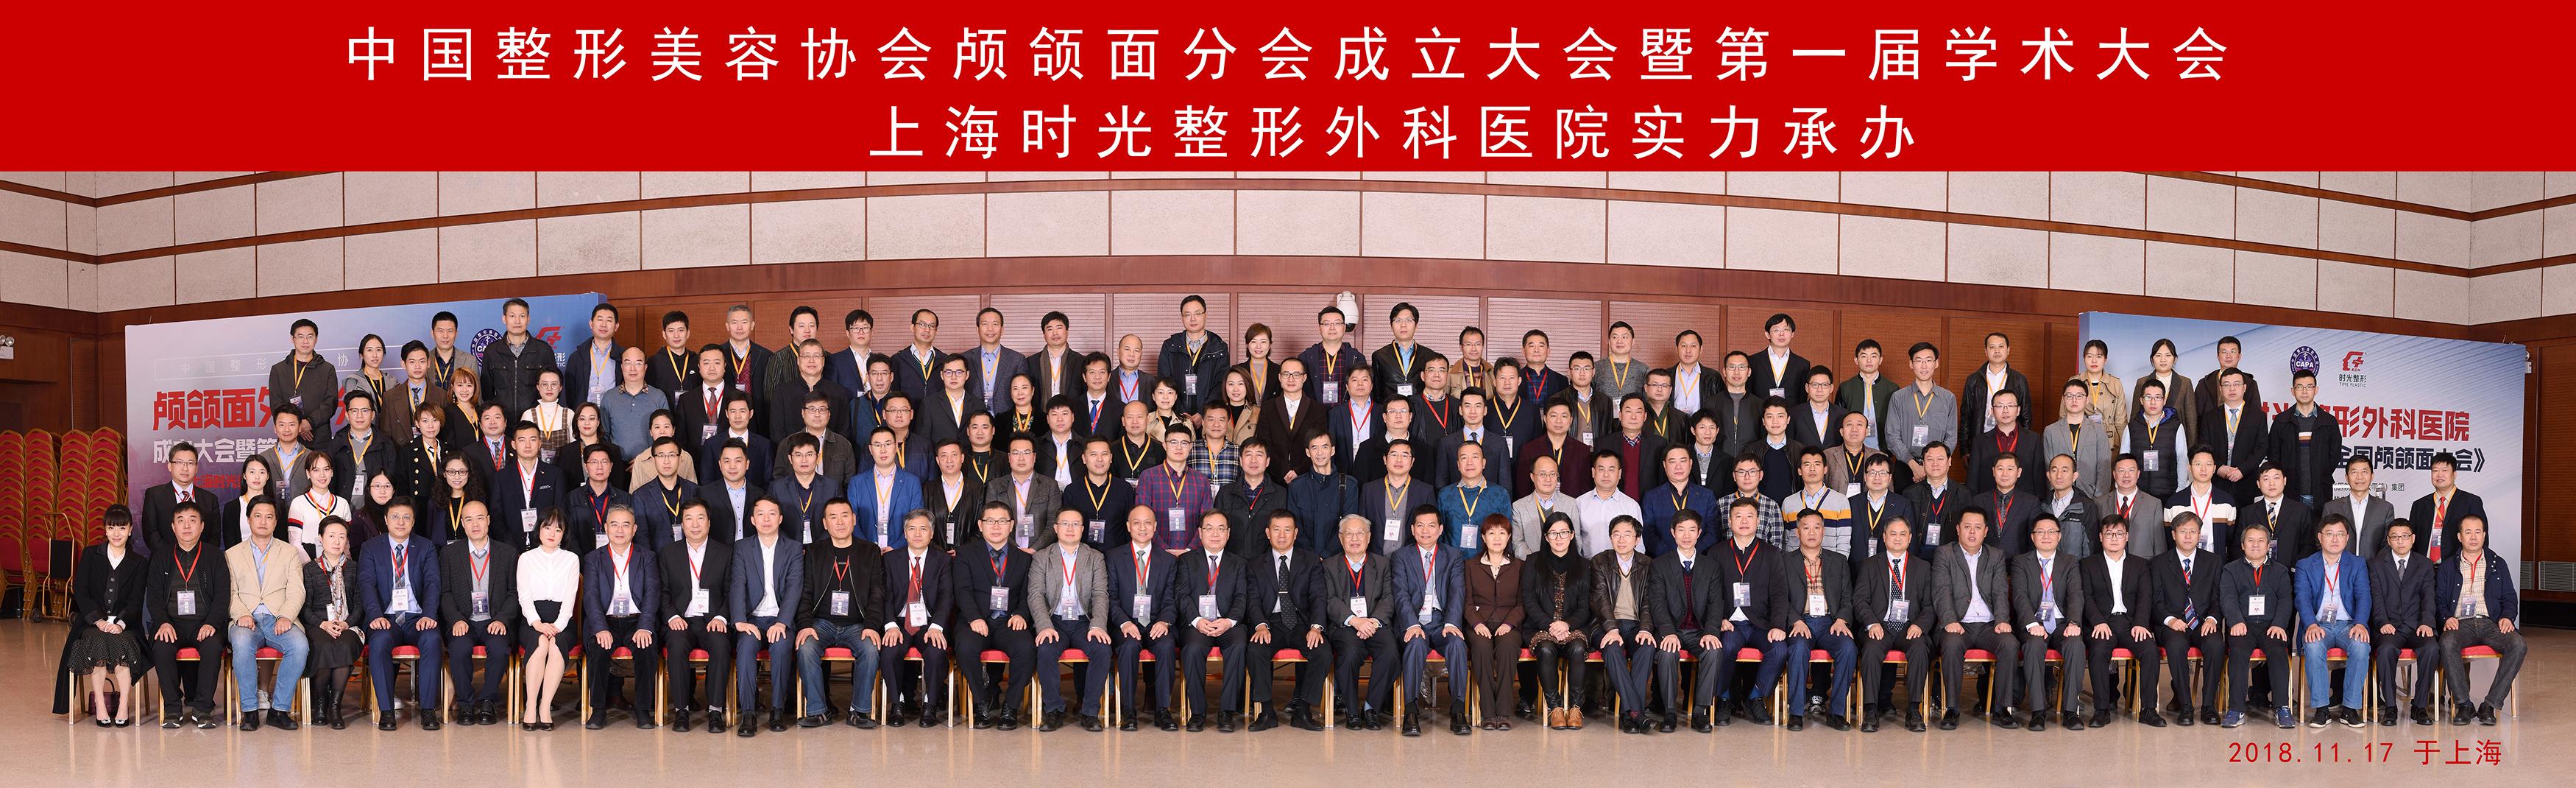 中国整形美容协会颅颌面外科分会成立大会暨首次学术大会开幕